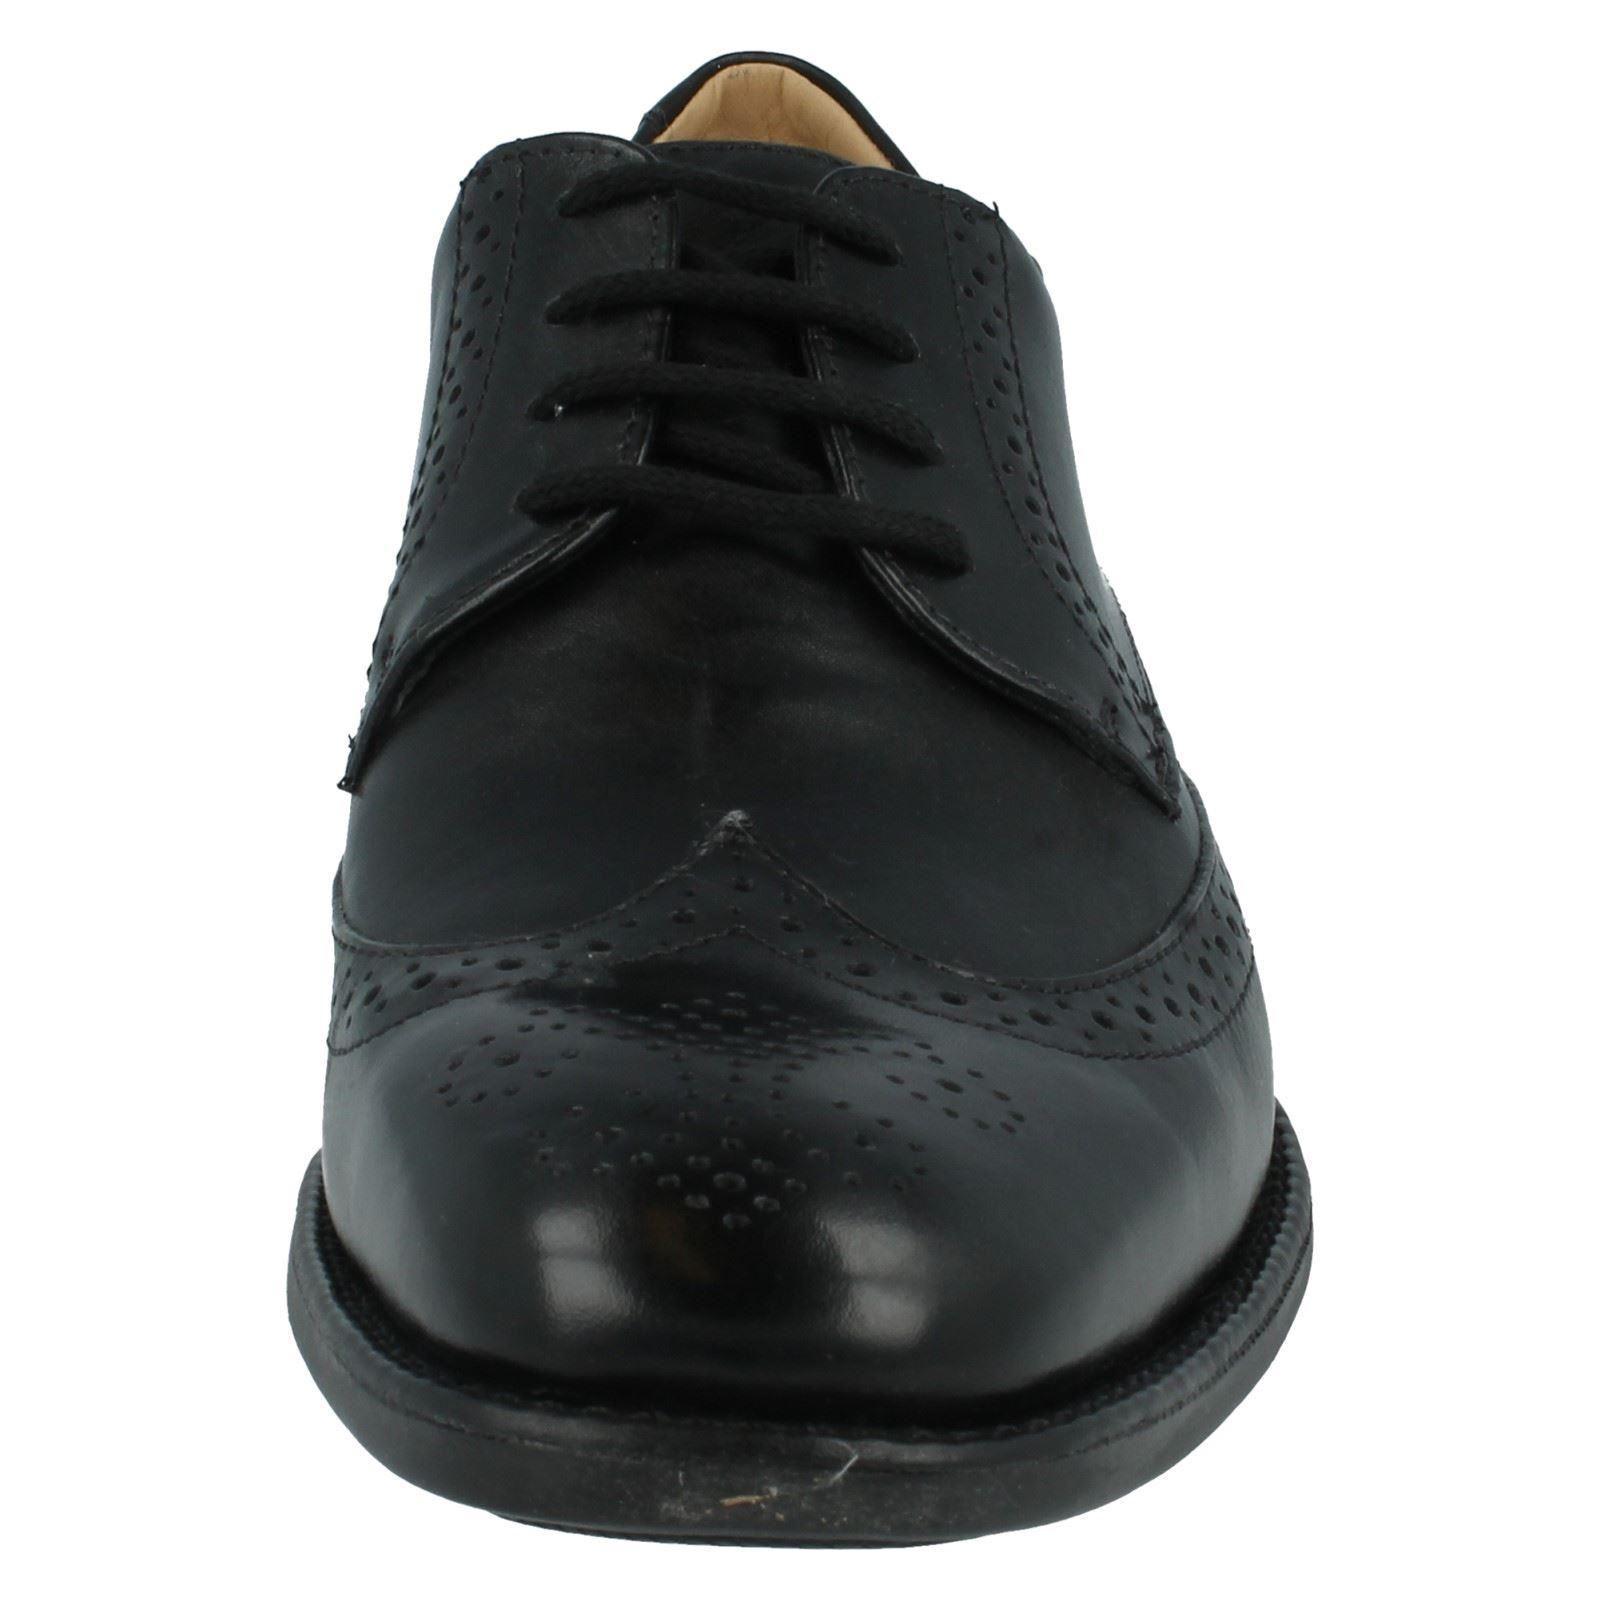 Uomo Anatomic & Co Scarpe brogue - mococa 929267 Scarpe classiche da uomo